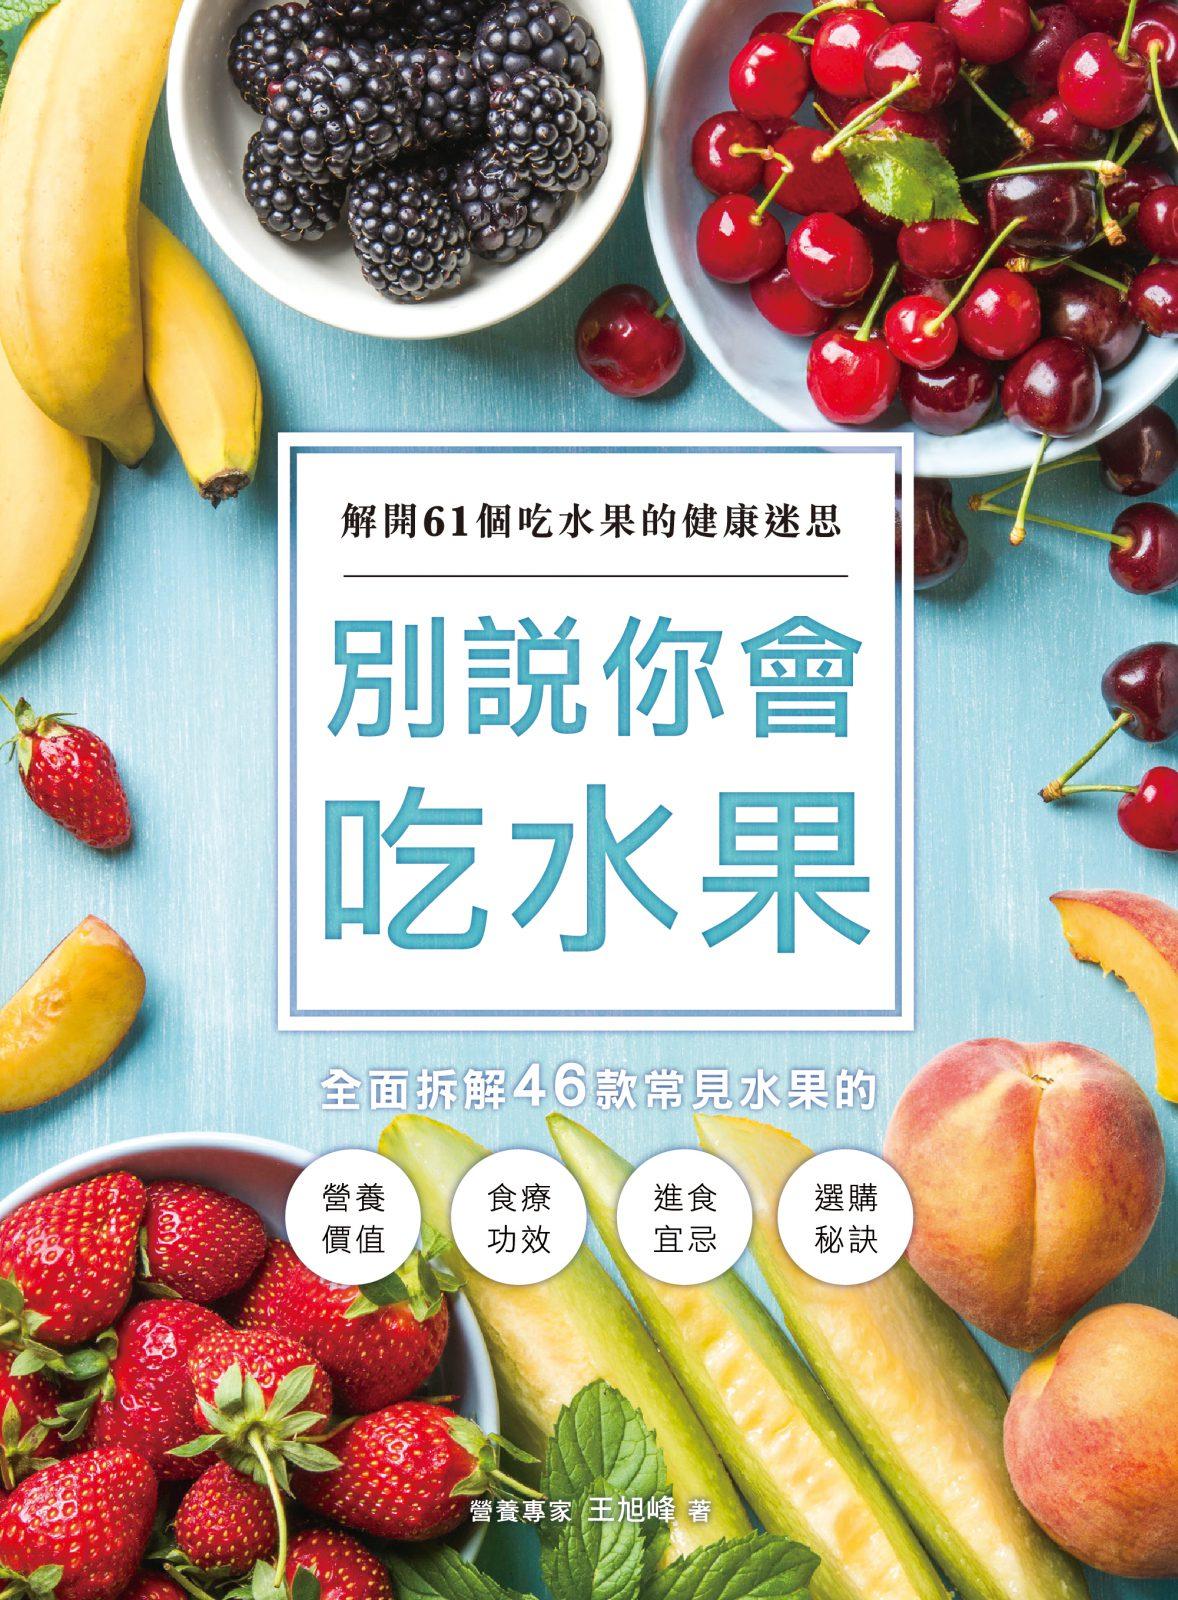 別說你會吃水果——解開61個吃水果的健康迷思